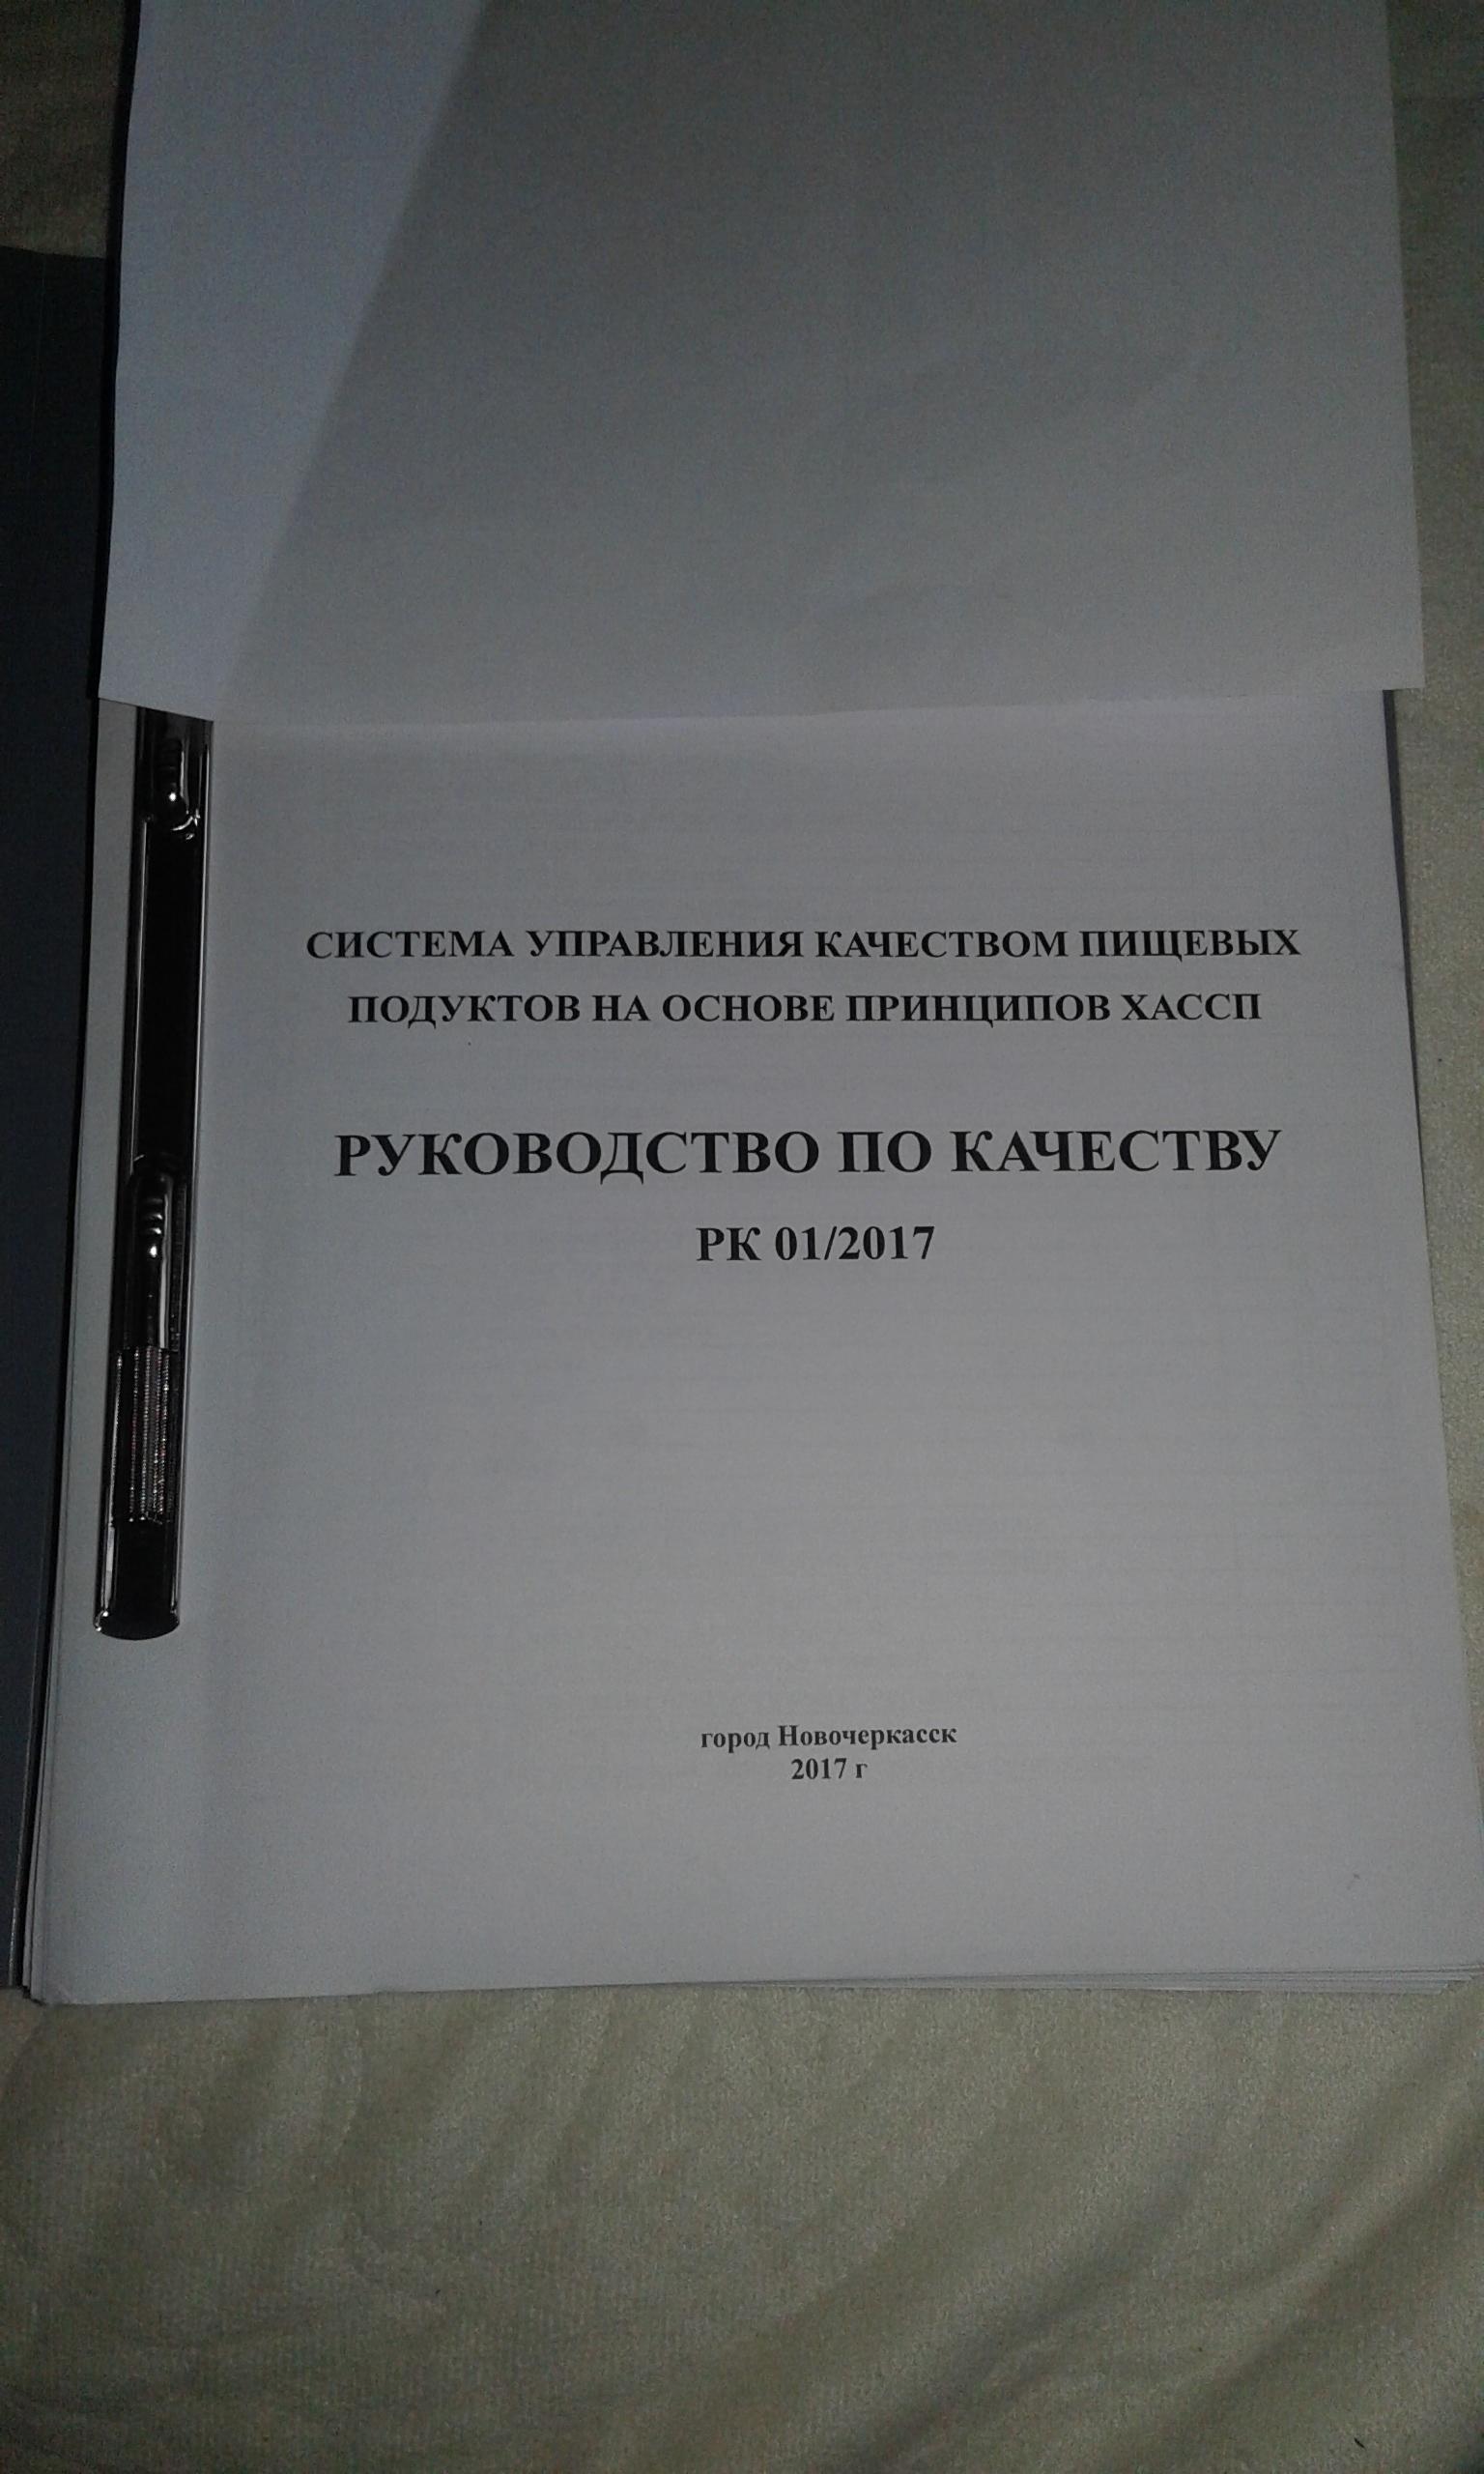 Псилоцибин Без кидалова Уссурийск Курительные смеси анонимно Ногинск